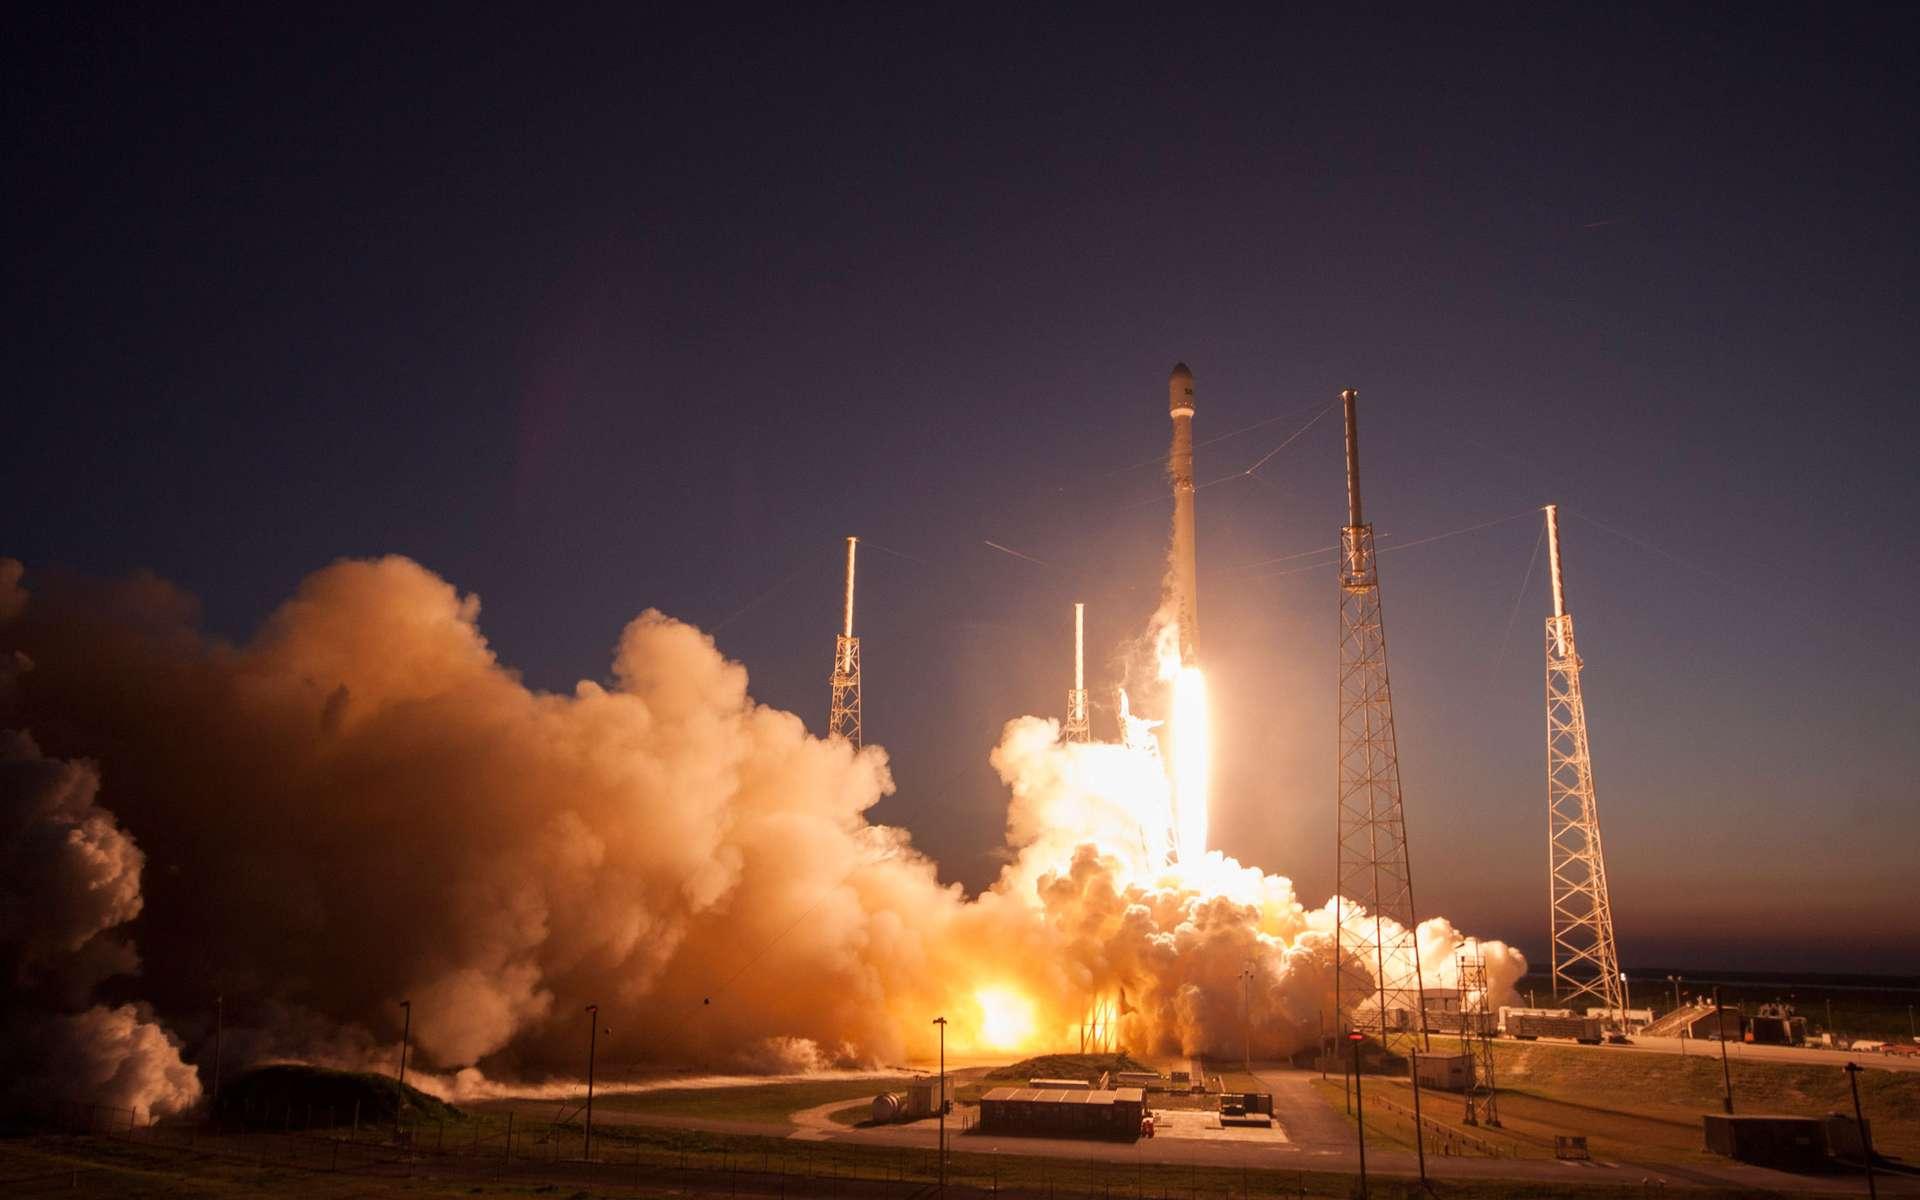 Troisième lancement réussi depuis le retour en vol du Falcon 9, après son échec de juin 2015. Le lanceur a décollé de son pas de tir de Cap Canaveral, ce 5 mars 2016 à 00 h 35, heure de Paris. © SpaceX